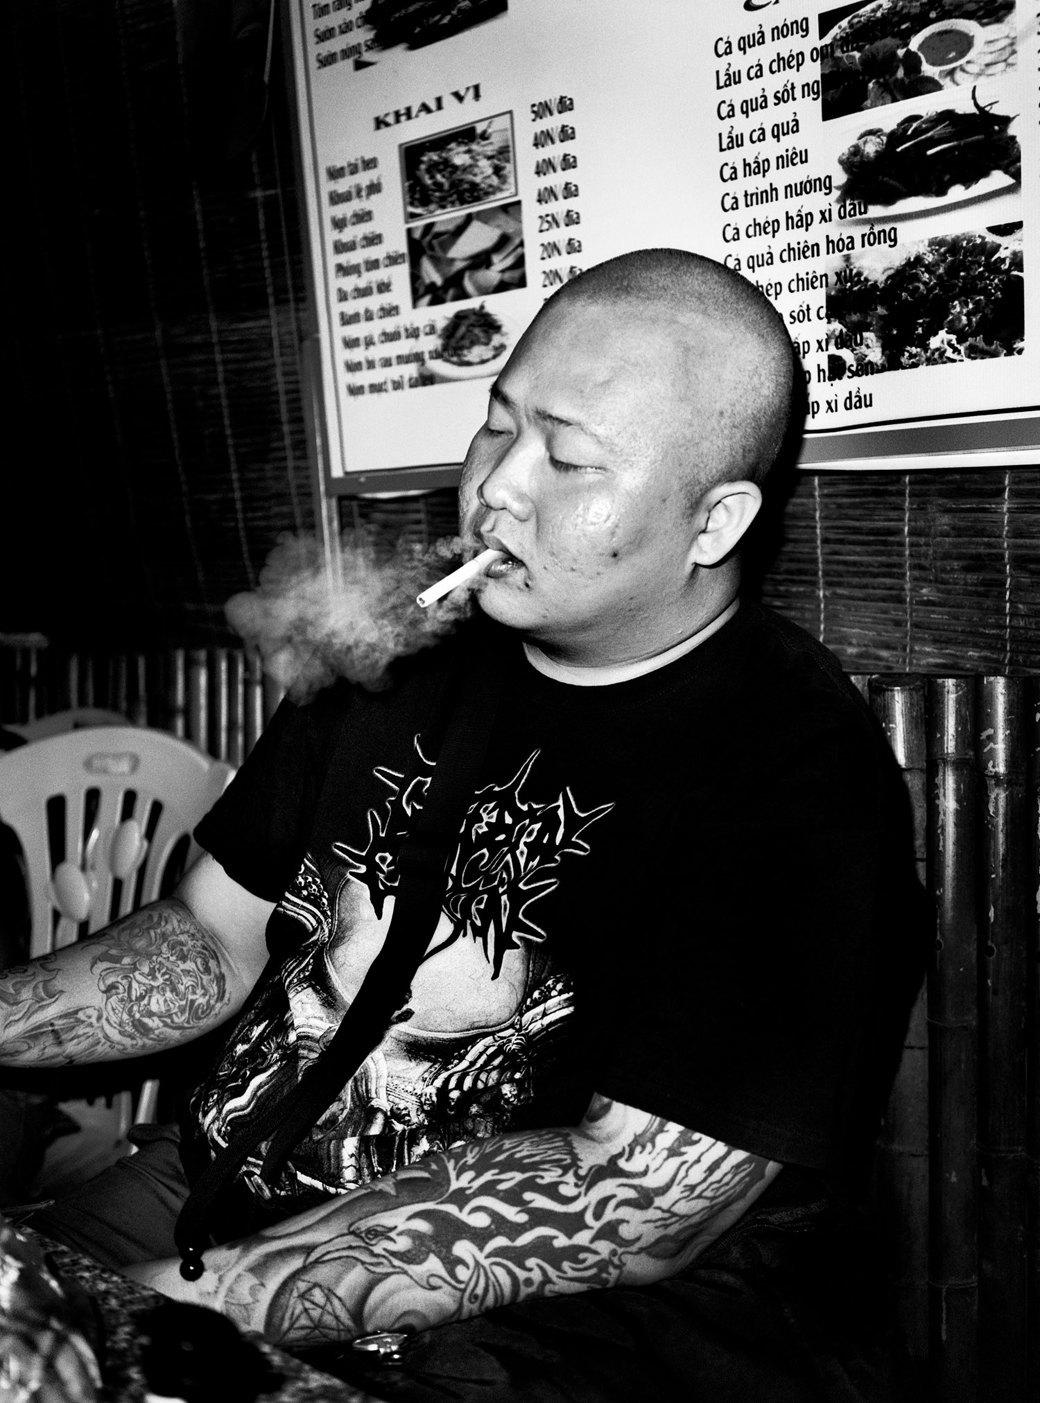 Азиатский андеграунд: Панк, грайндкор и экстремальный метал по-вьетнамски . Изображение № 7.